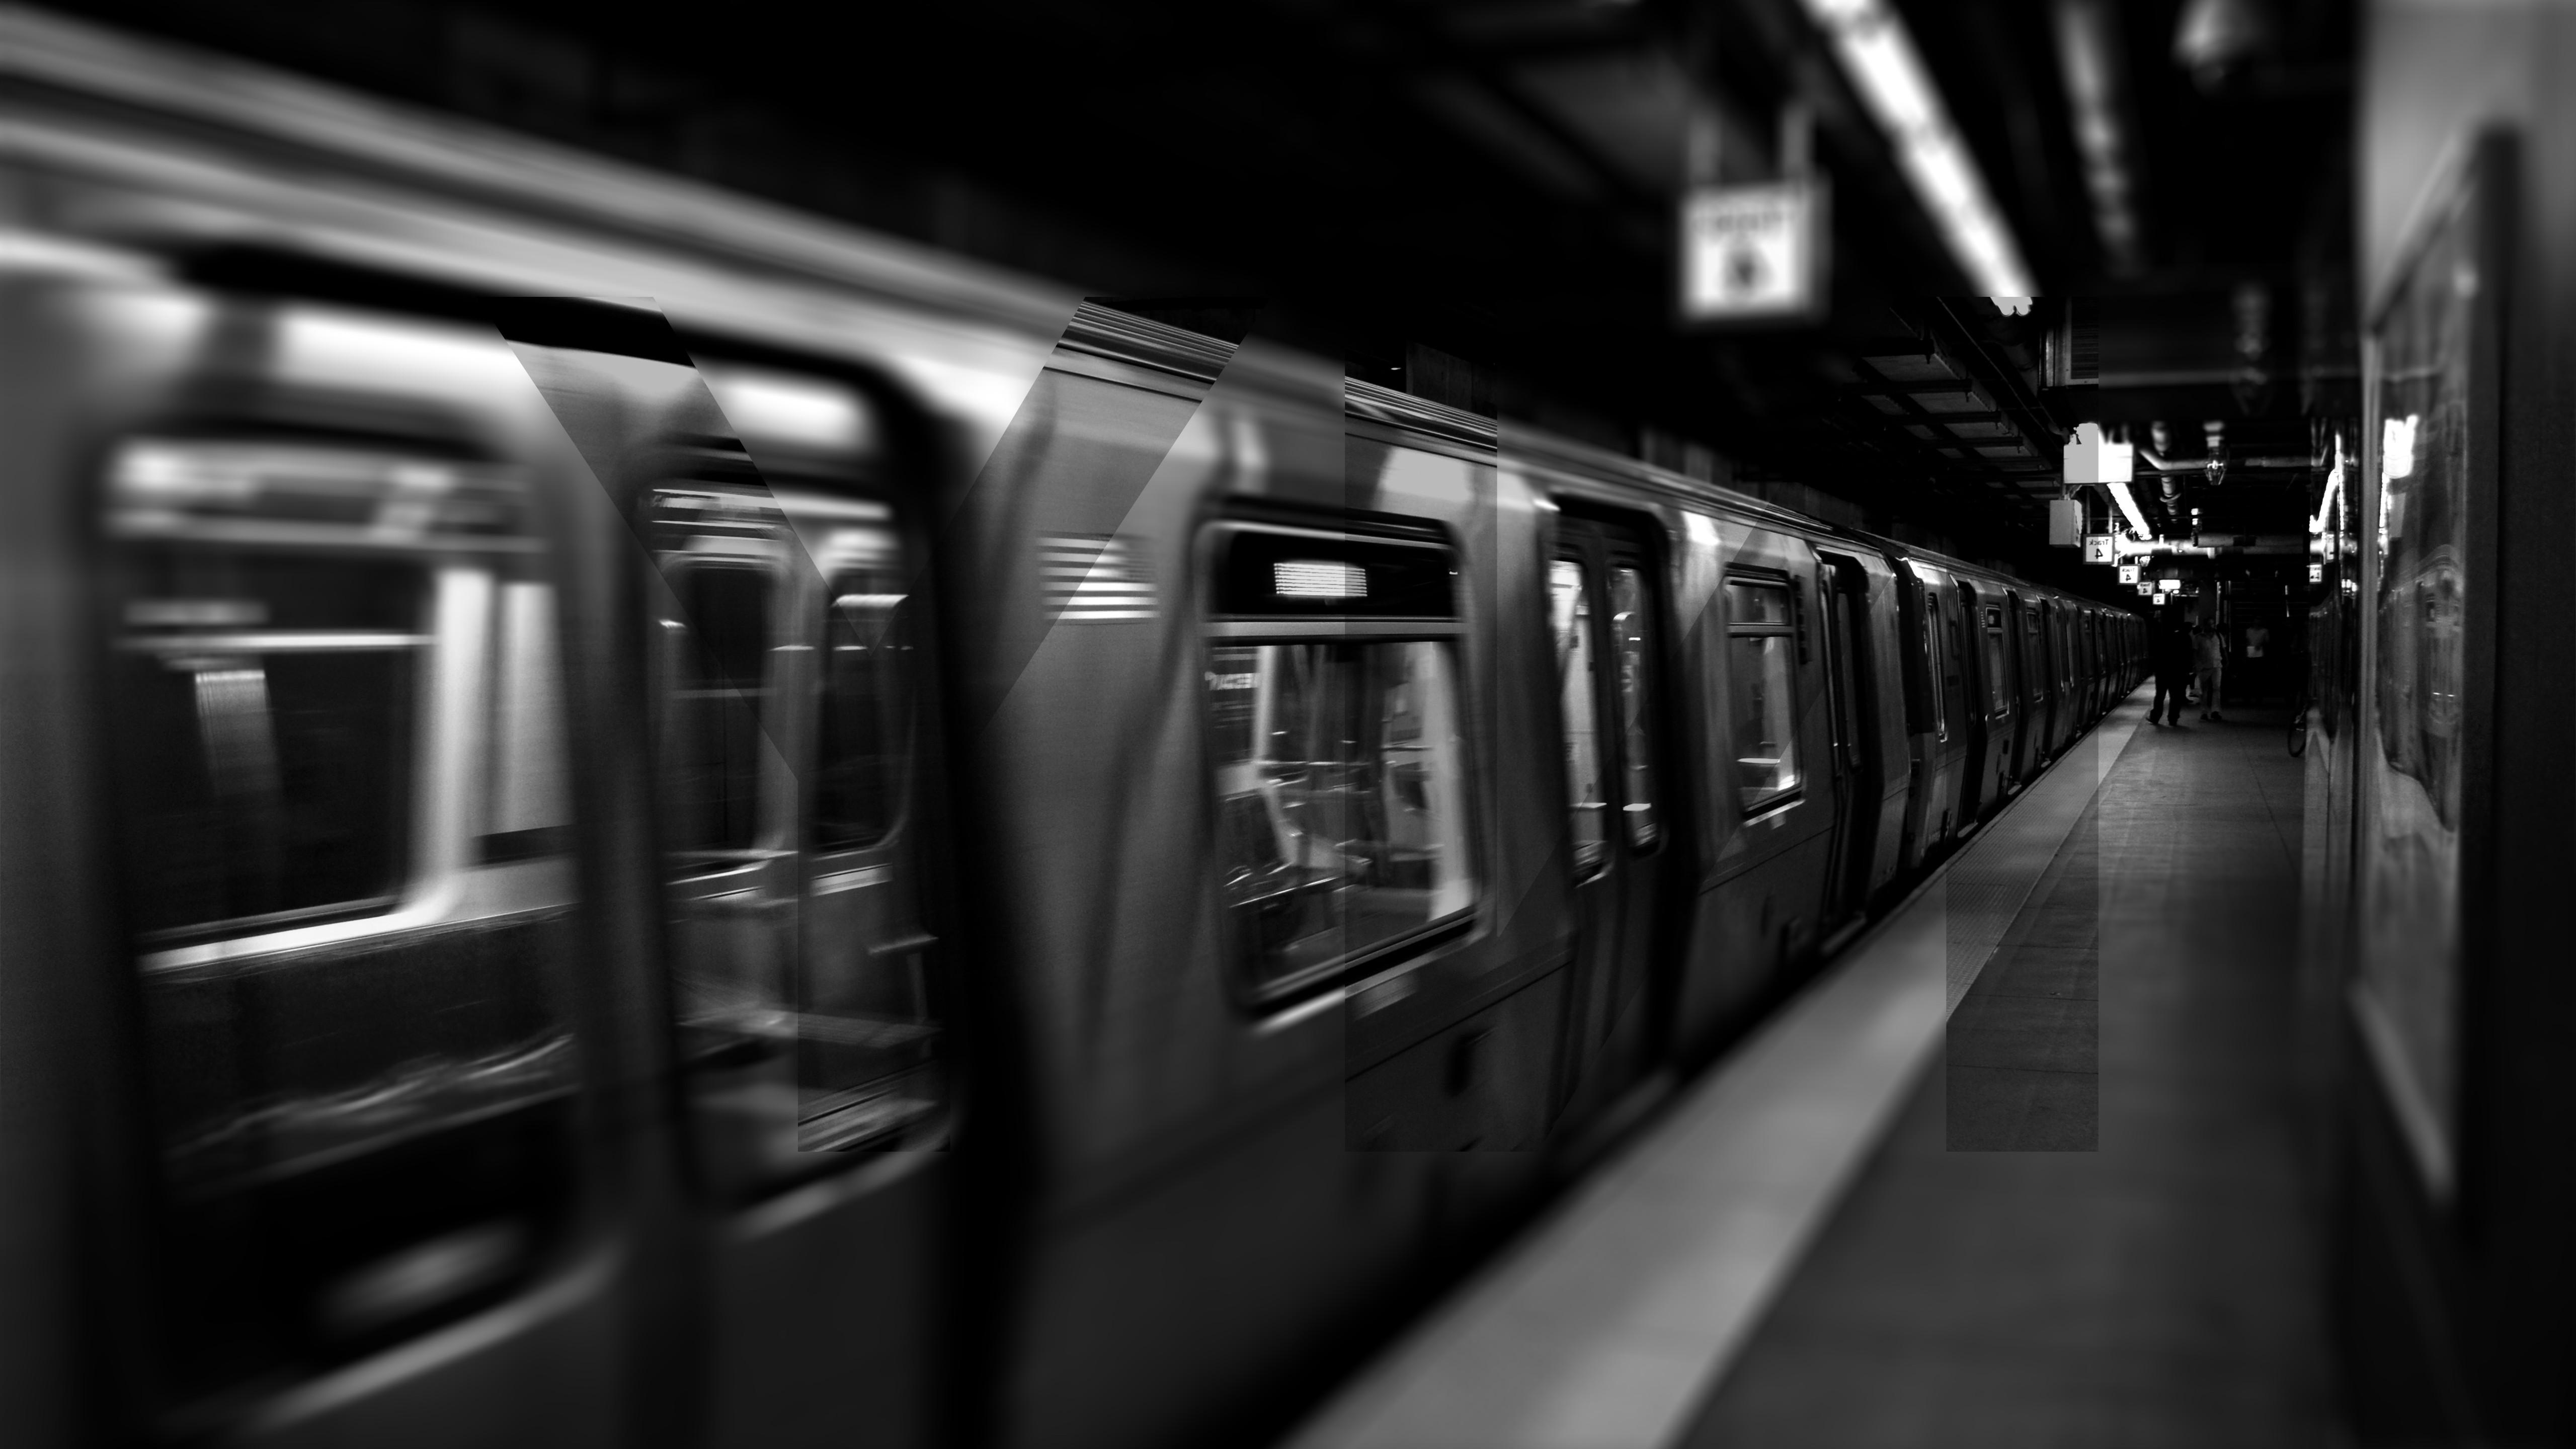 New York City Underground Subway Train